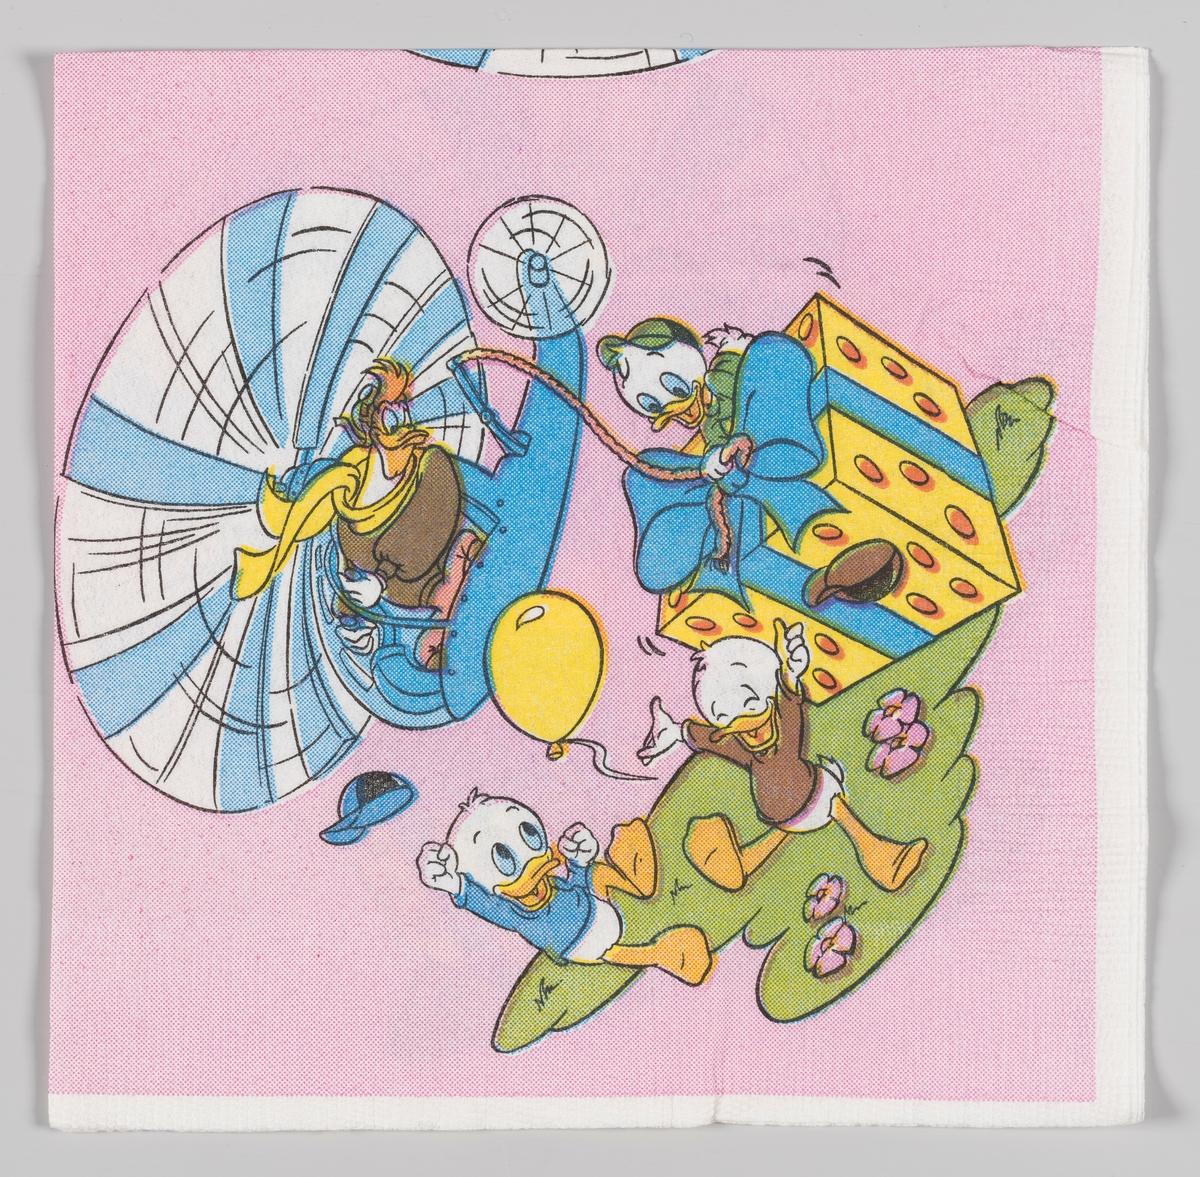 Ole, Dole og Doffen binder en stor presang fast i et tau som er festet i en helikopter